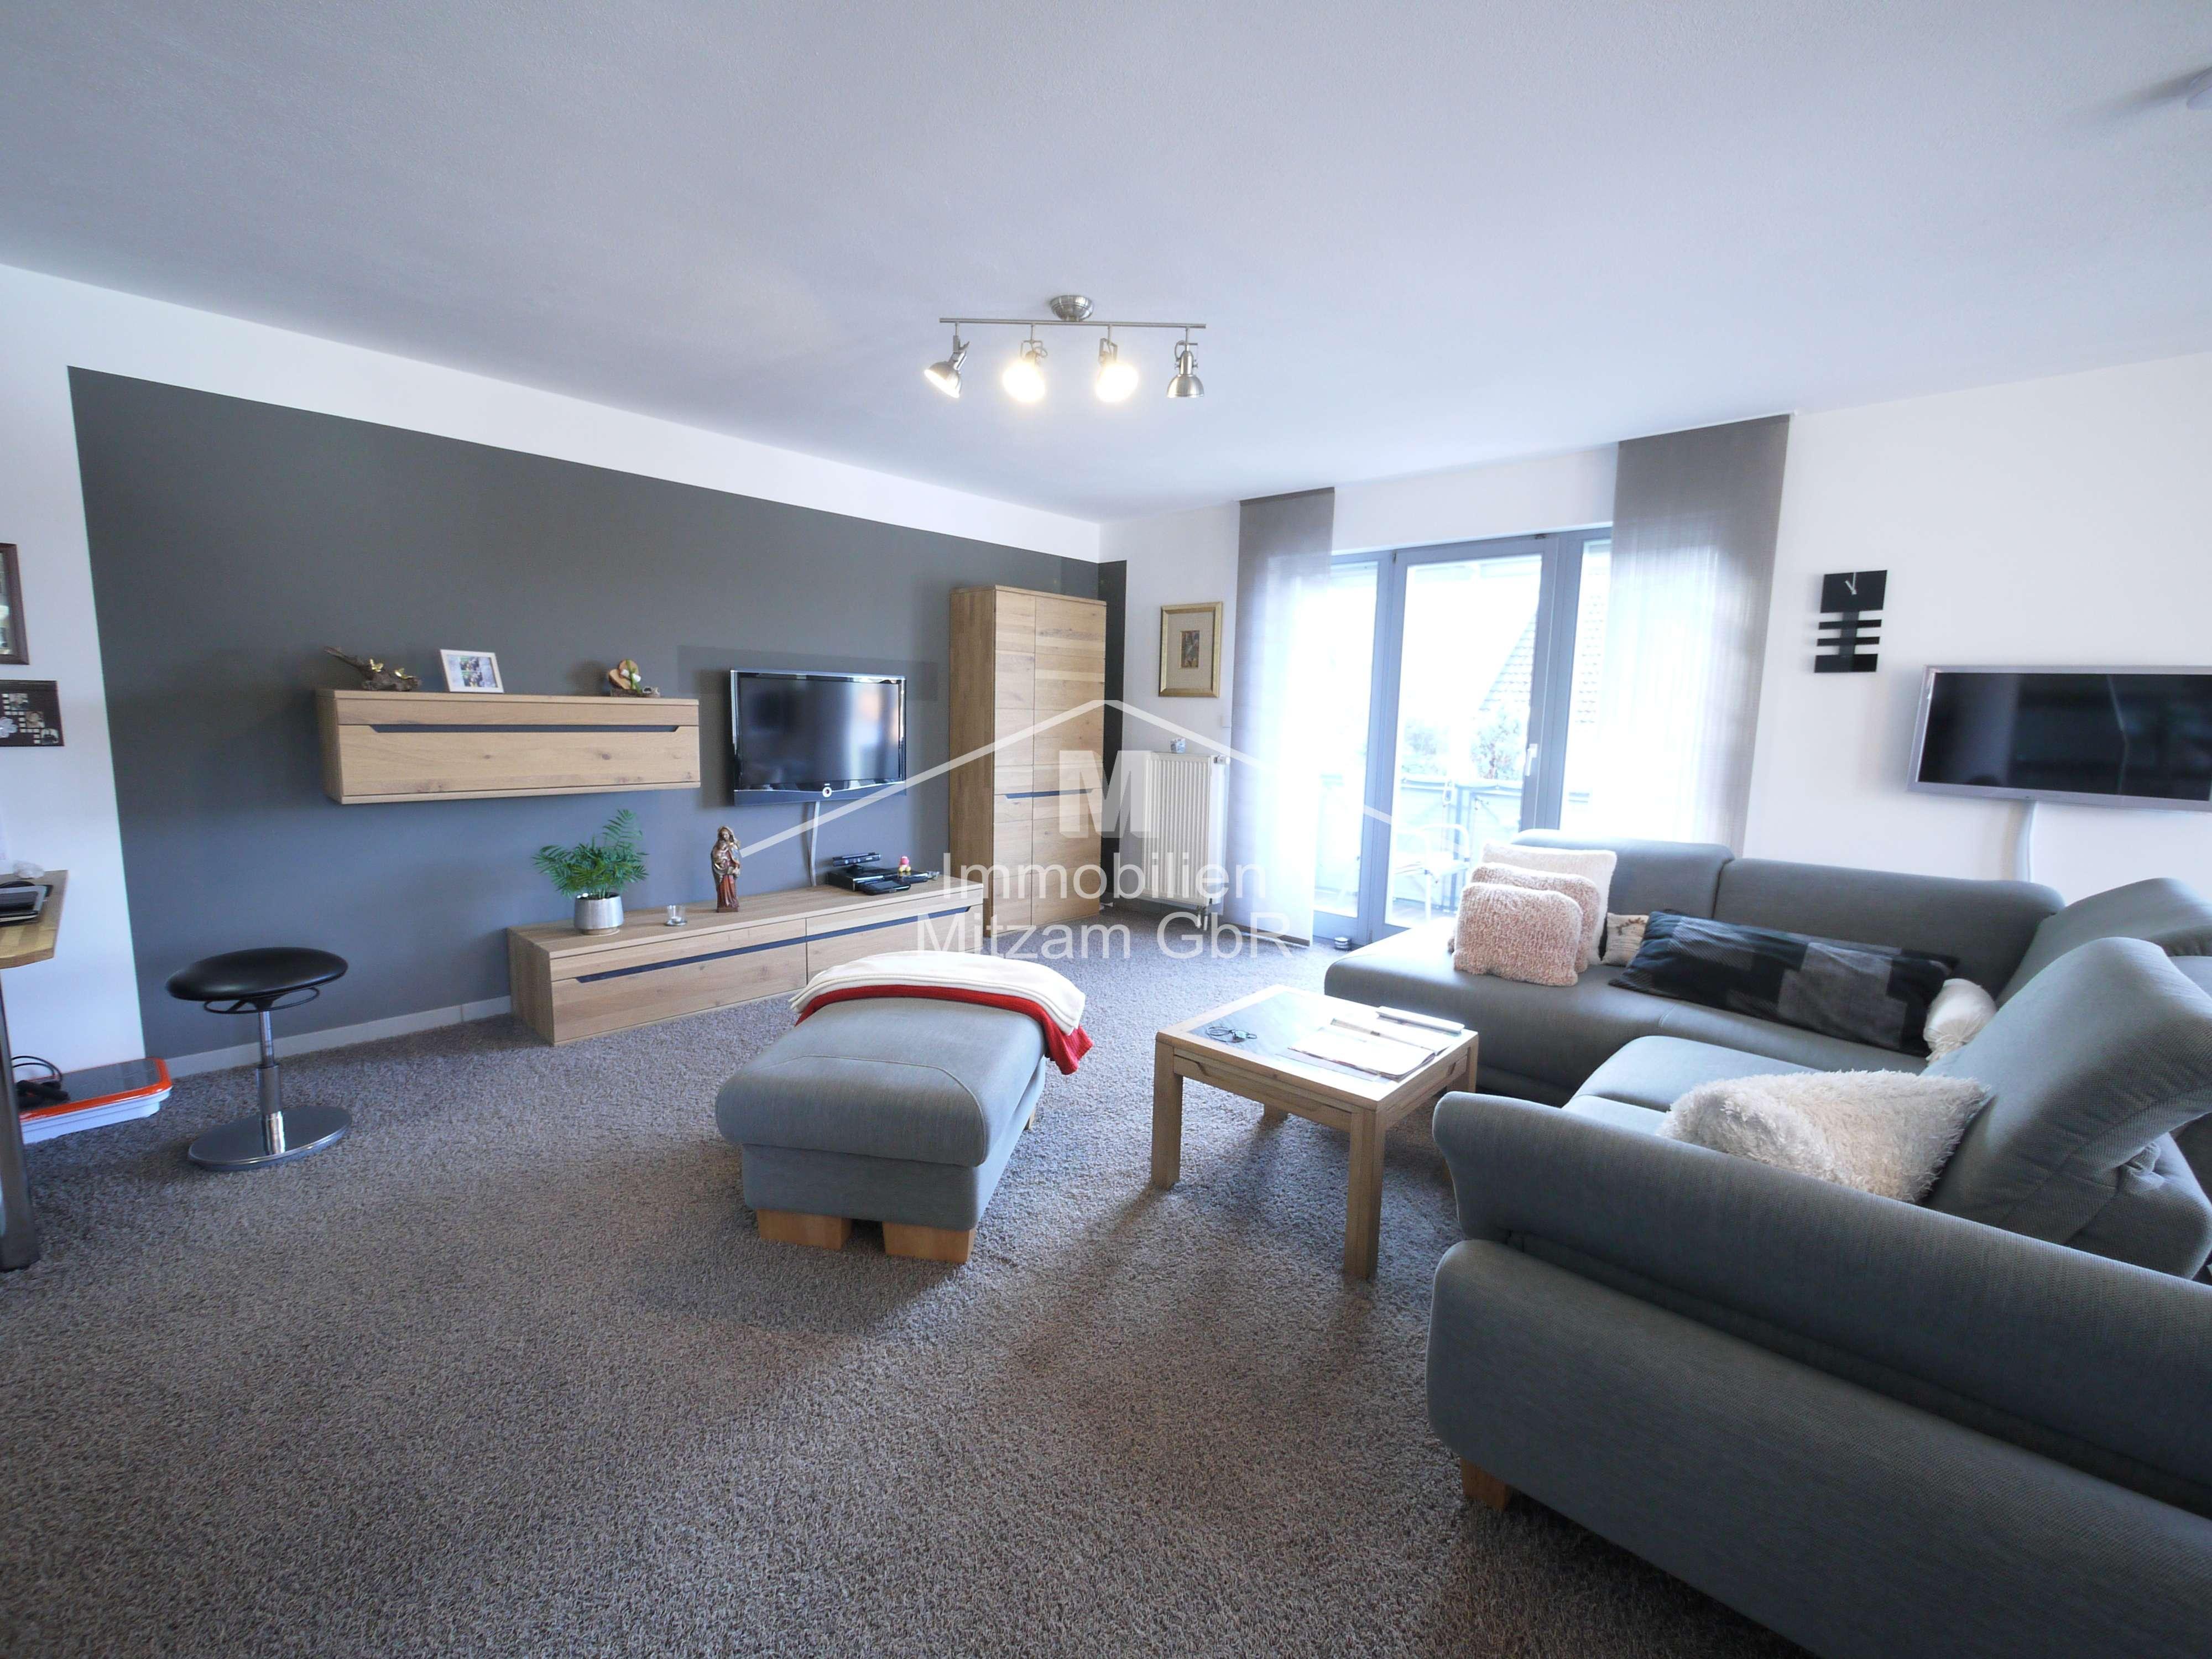 Gepflegte 2-Zimmer-Obergeschoss-Wohnung mit EBK u. Garage in ruhiger u. sonniger Lage (A9 Anbindung) in Greding